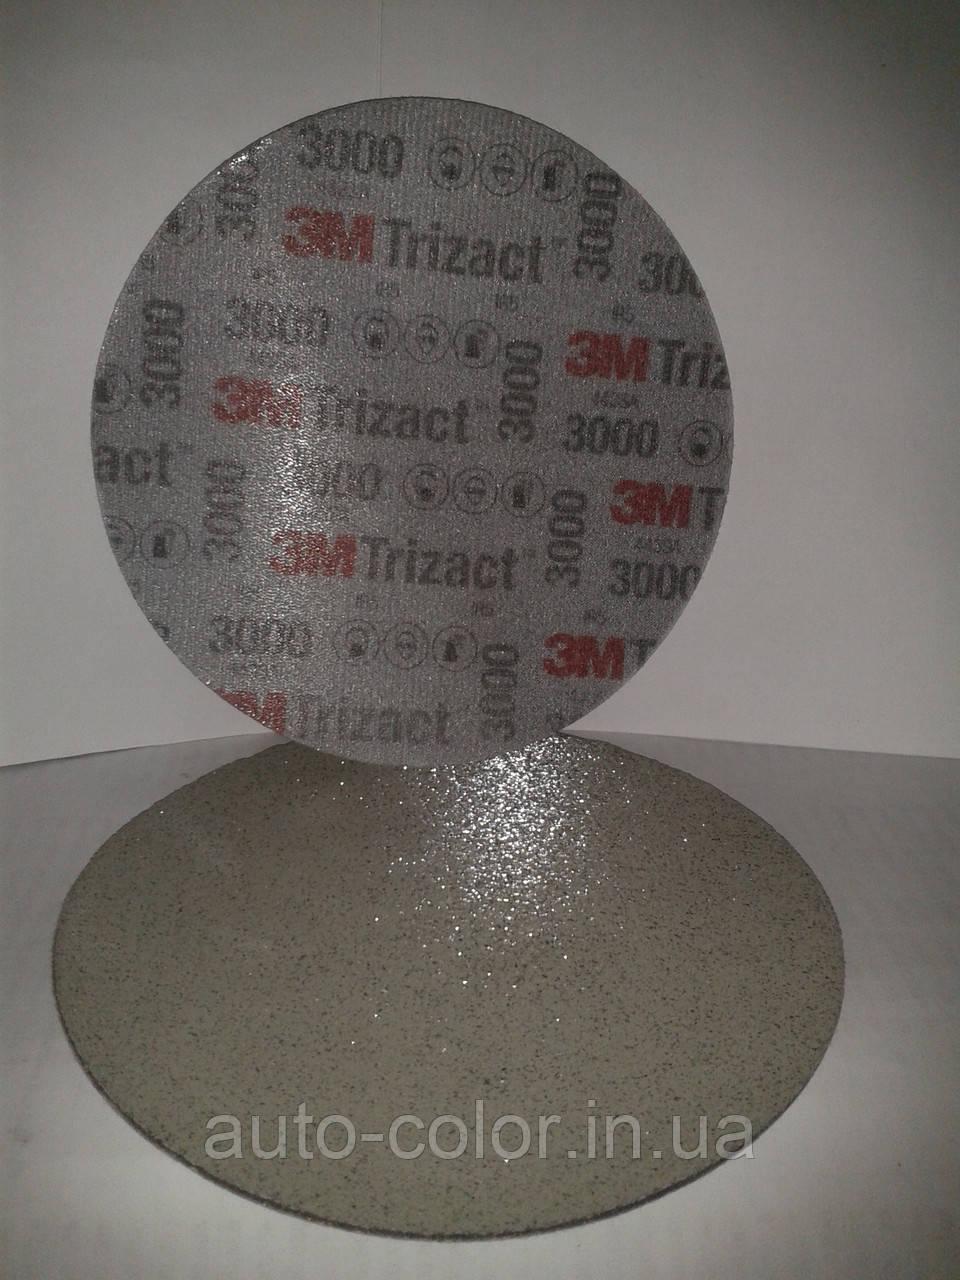 Абразивный полировальный круг 3M Trizact P3000 (диаметр 150 мм.) 50414